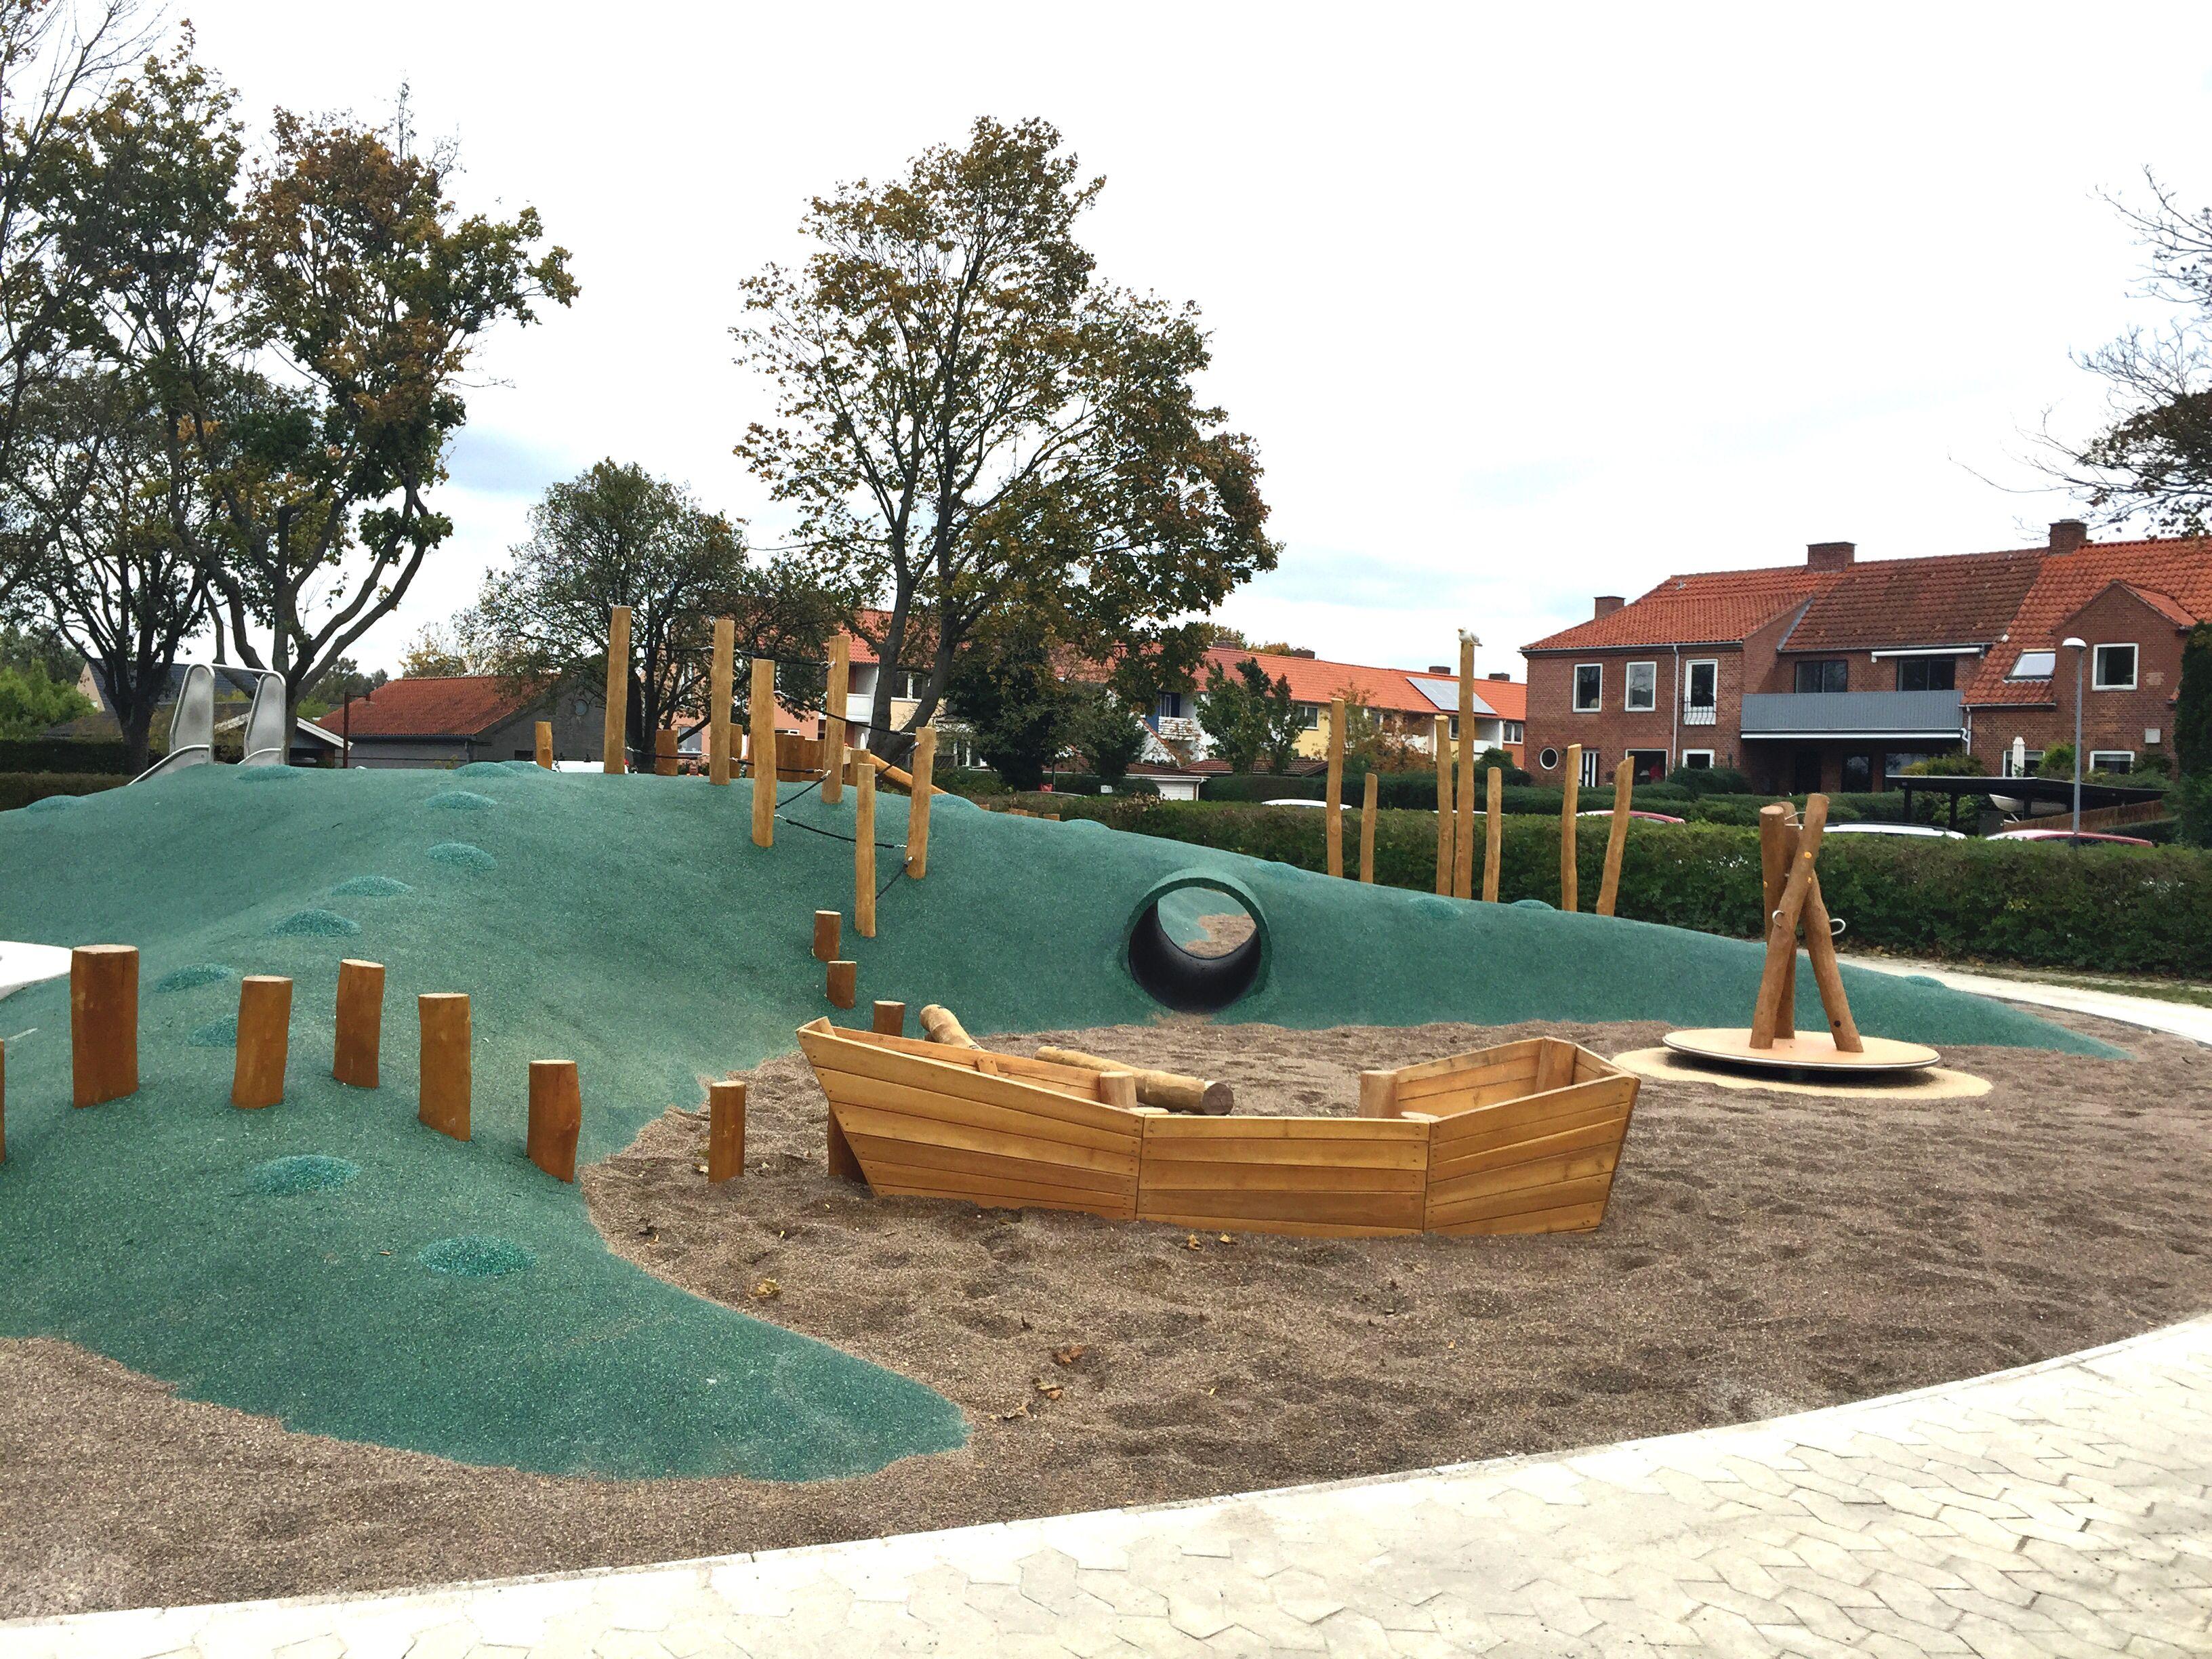 Søstjernen Roskilde Legeplads Design Outdoor Decor Home Decor